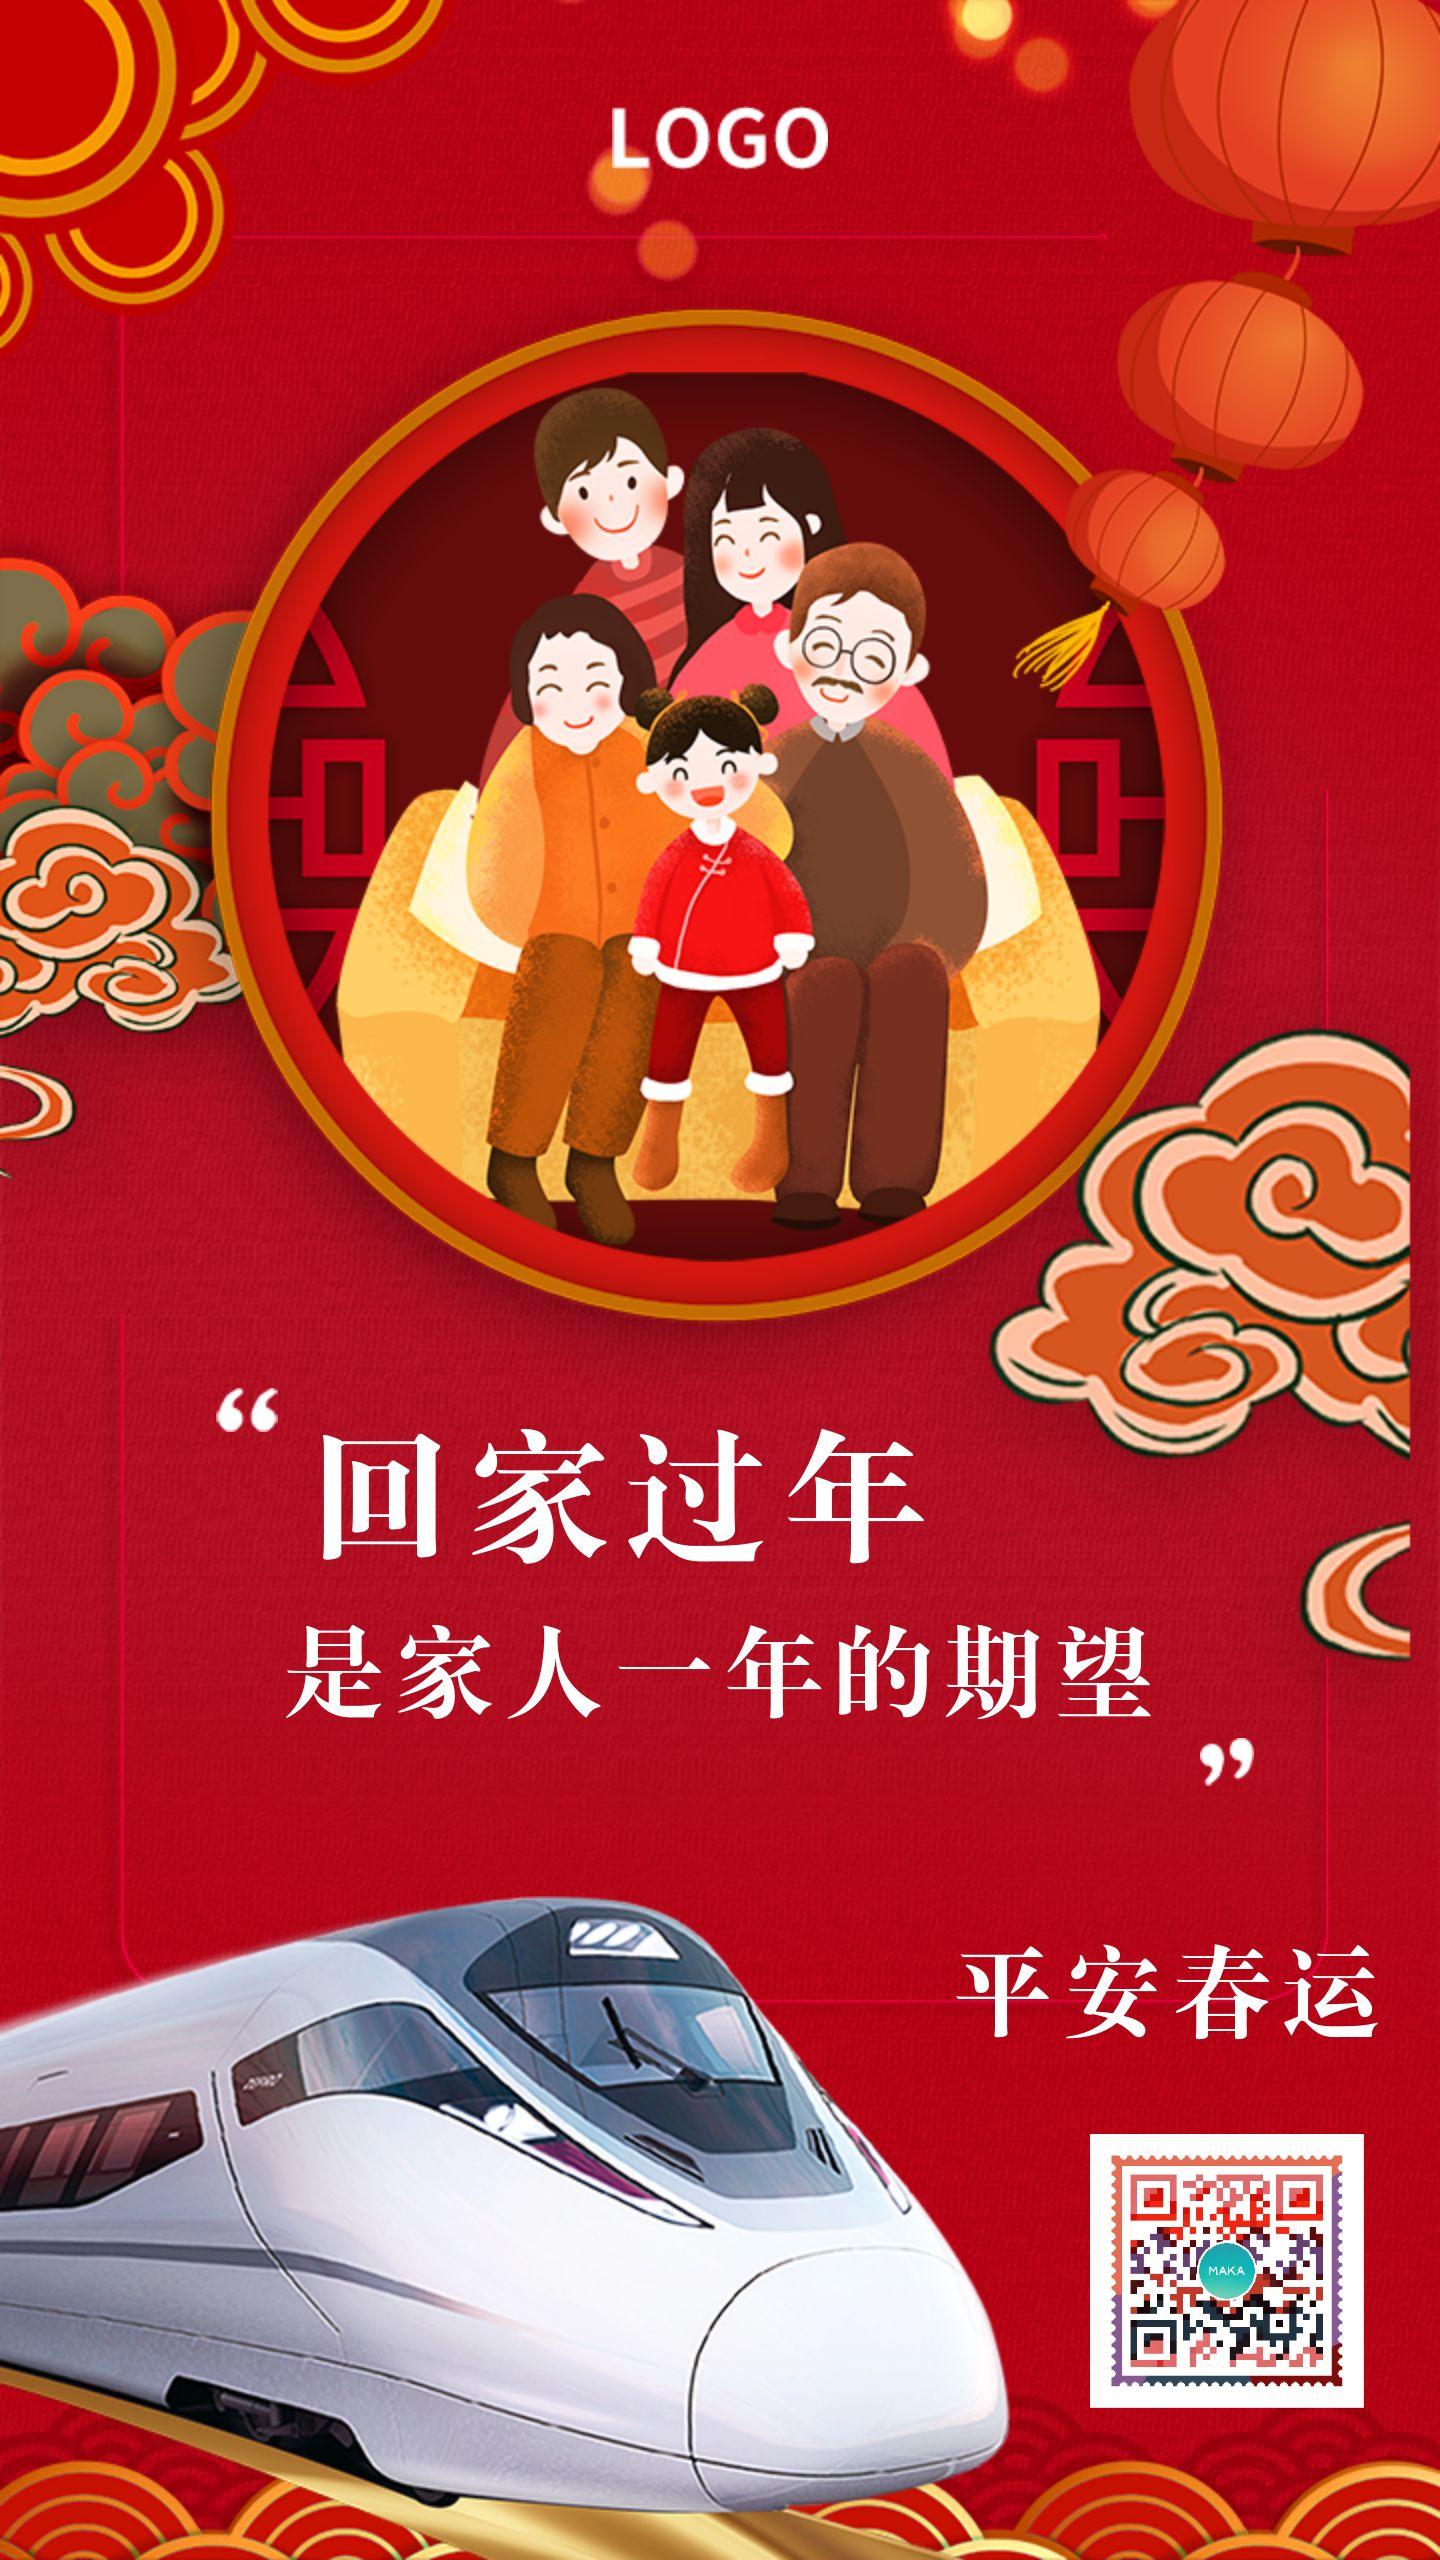 简约春节平安春运回家过年团圆交通安全日签和谐春运平安出行祝福宣传海报